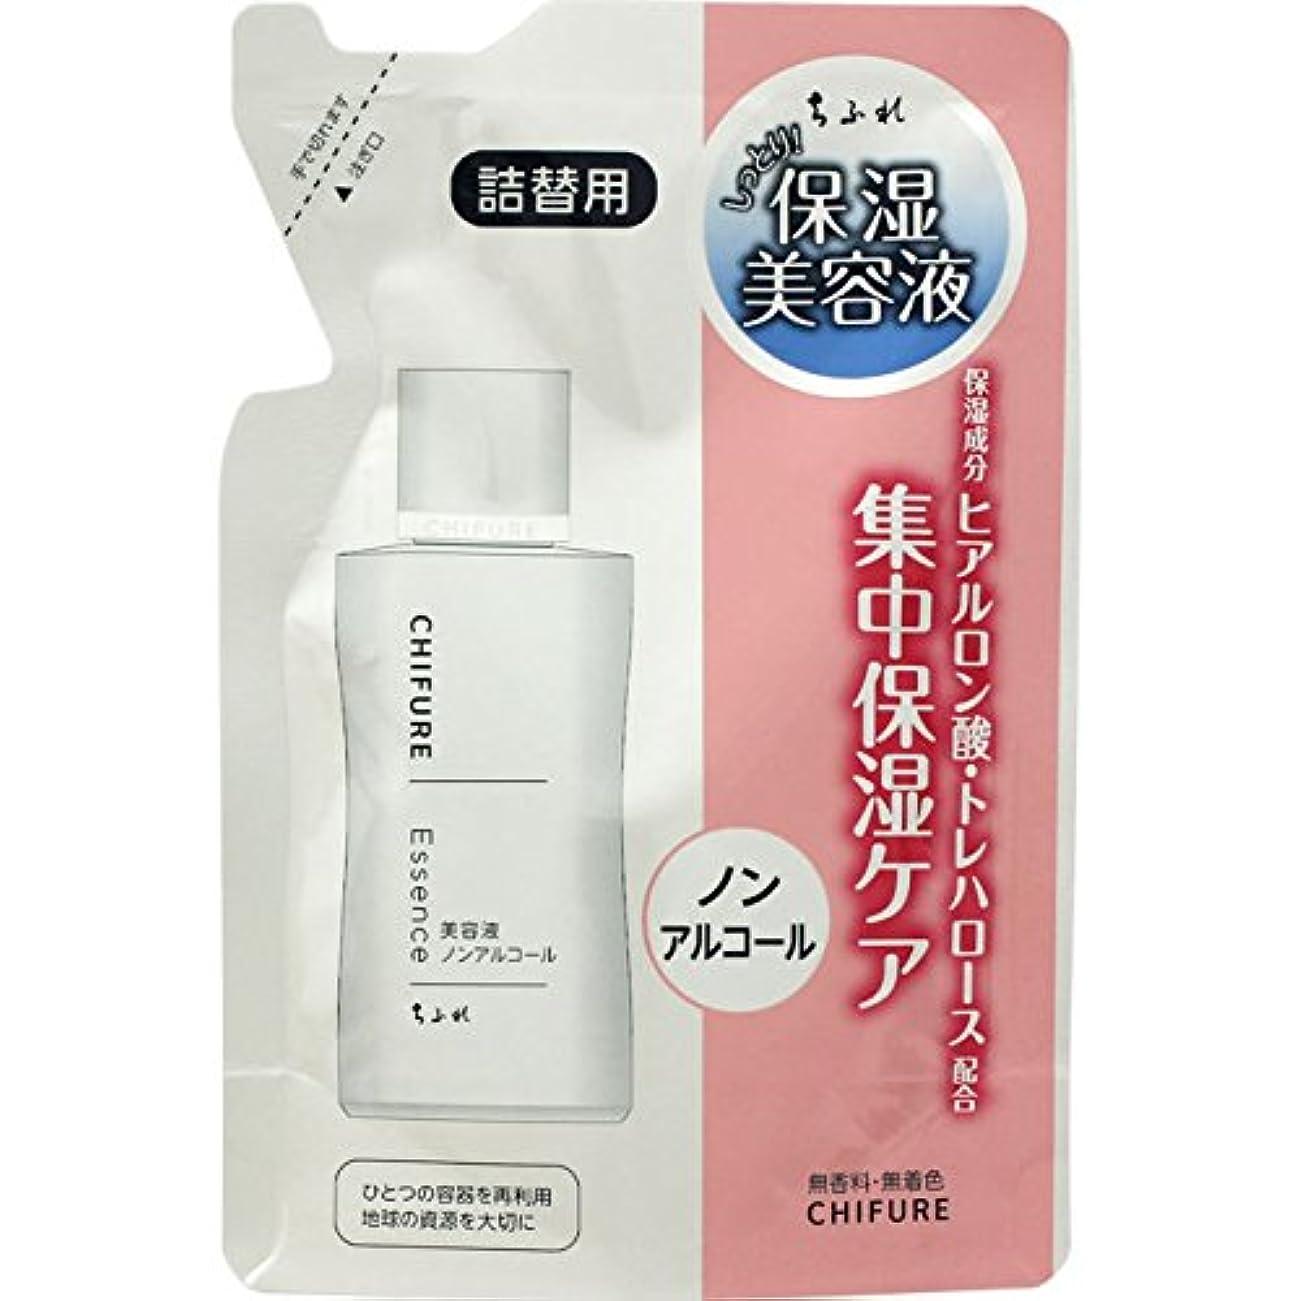 誠実さ一掃する発生器ちふれ化粧品 ちふれ 美容液 ノンアルコールタイプ 詰替用 45ML